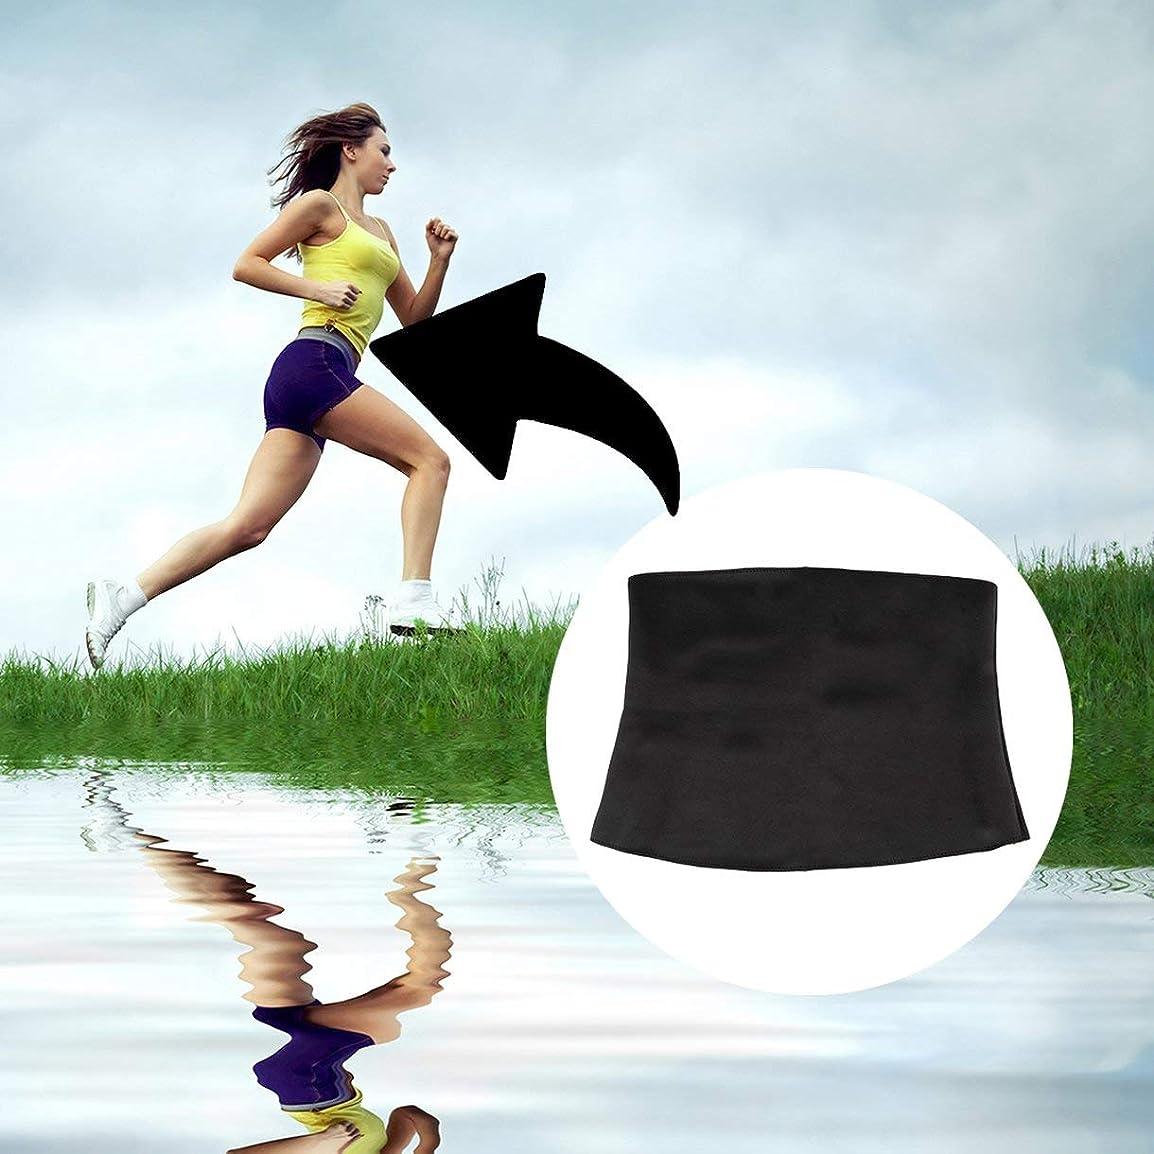 残り焦げ強化するWomen Adult Solid Neoprene Healthy Slimming Weight Loss Waist Belts Body Shaper Slimming Trainer Trimmer Corsets